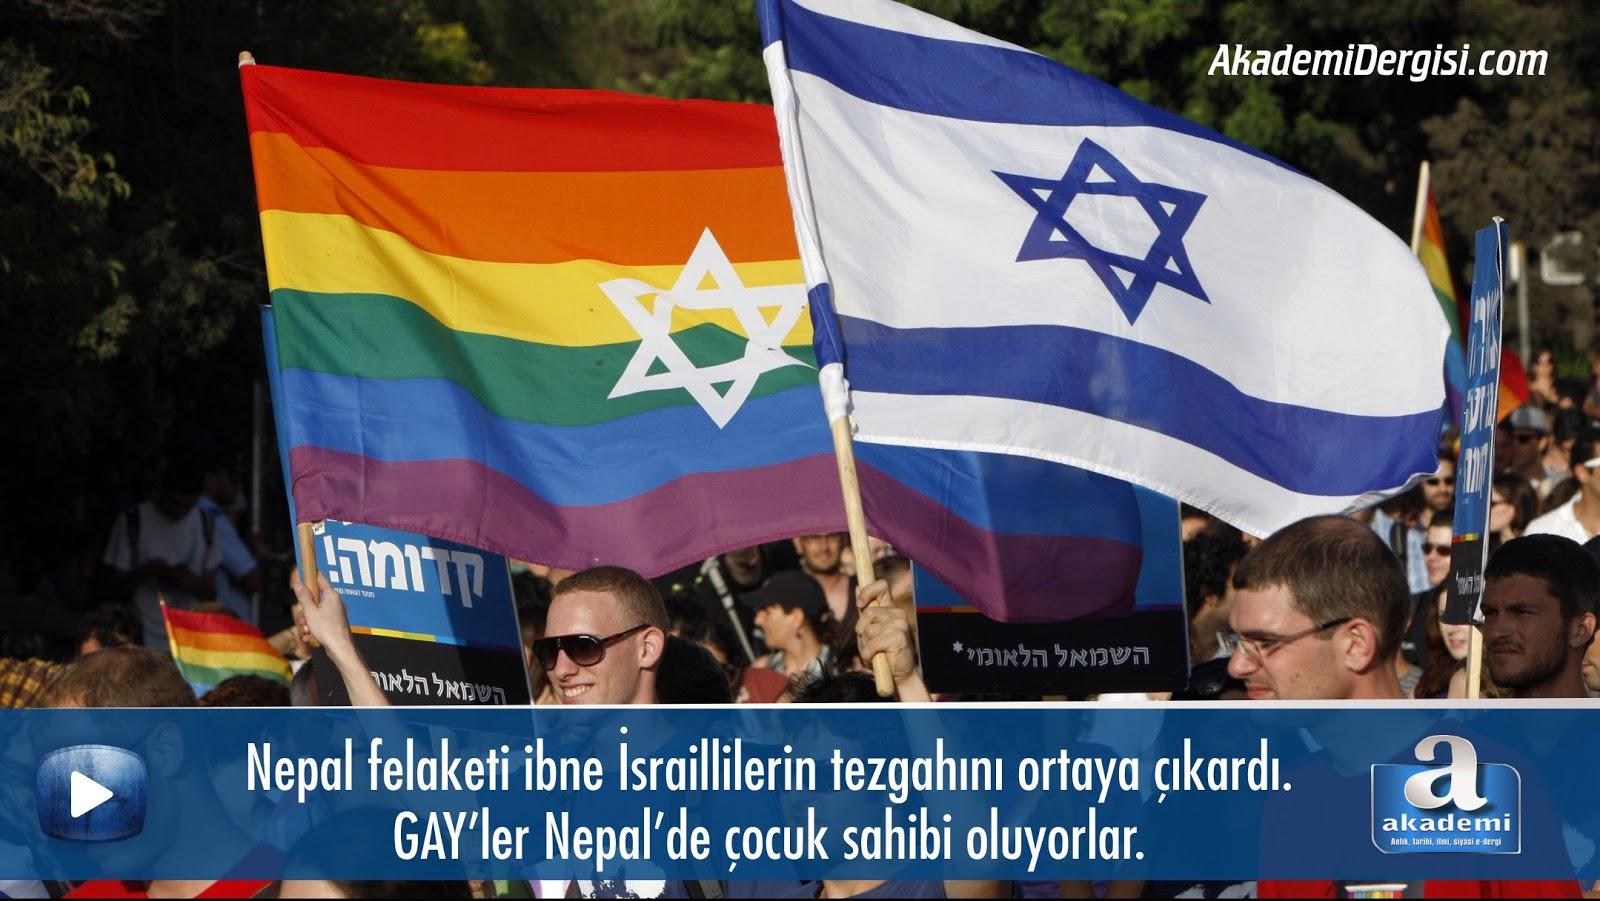 Nepal felaketi ibne İsraillilerin tezgahını ortaya çıkardı. GAY'ler Nepal'de çocuk sahibi oluyorlar.